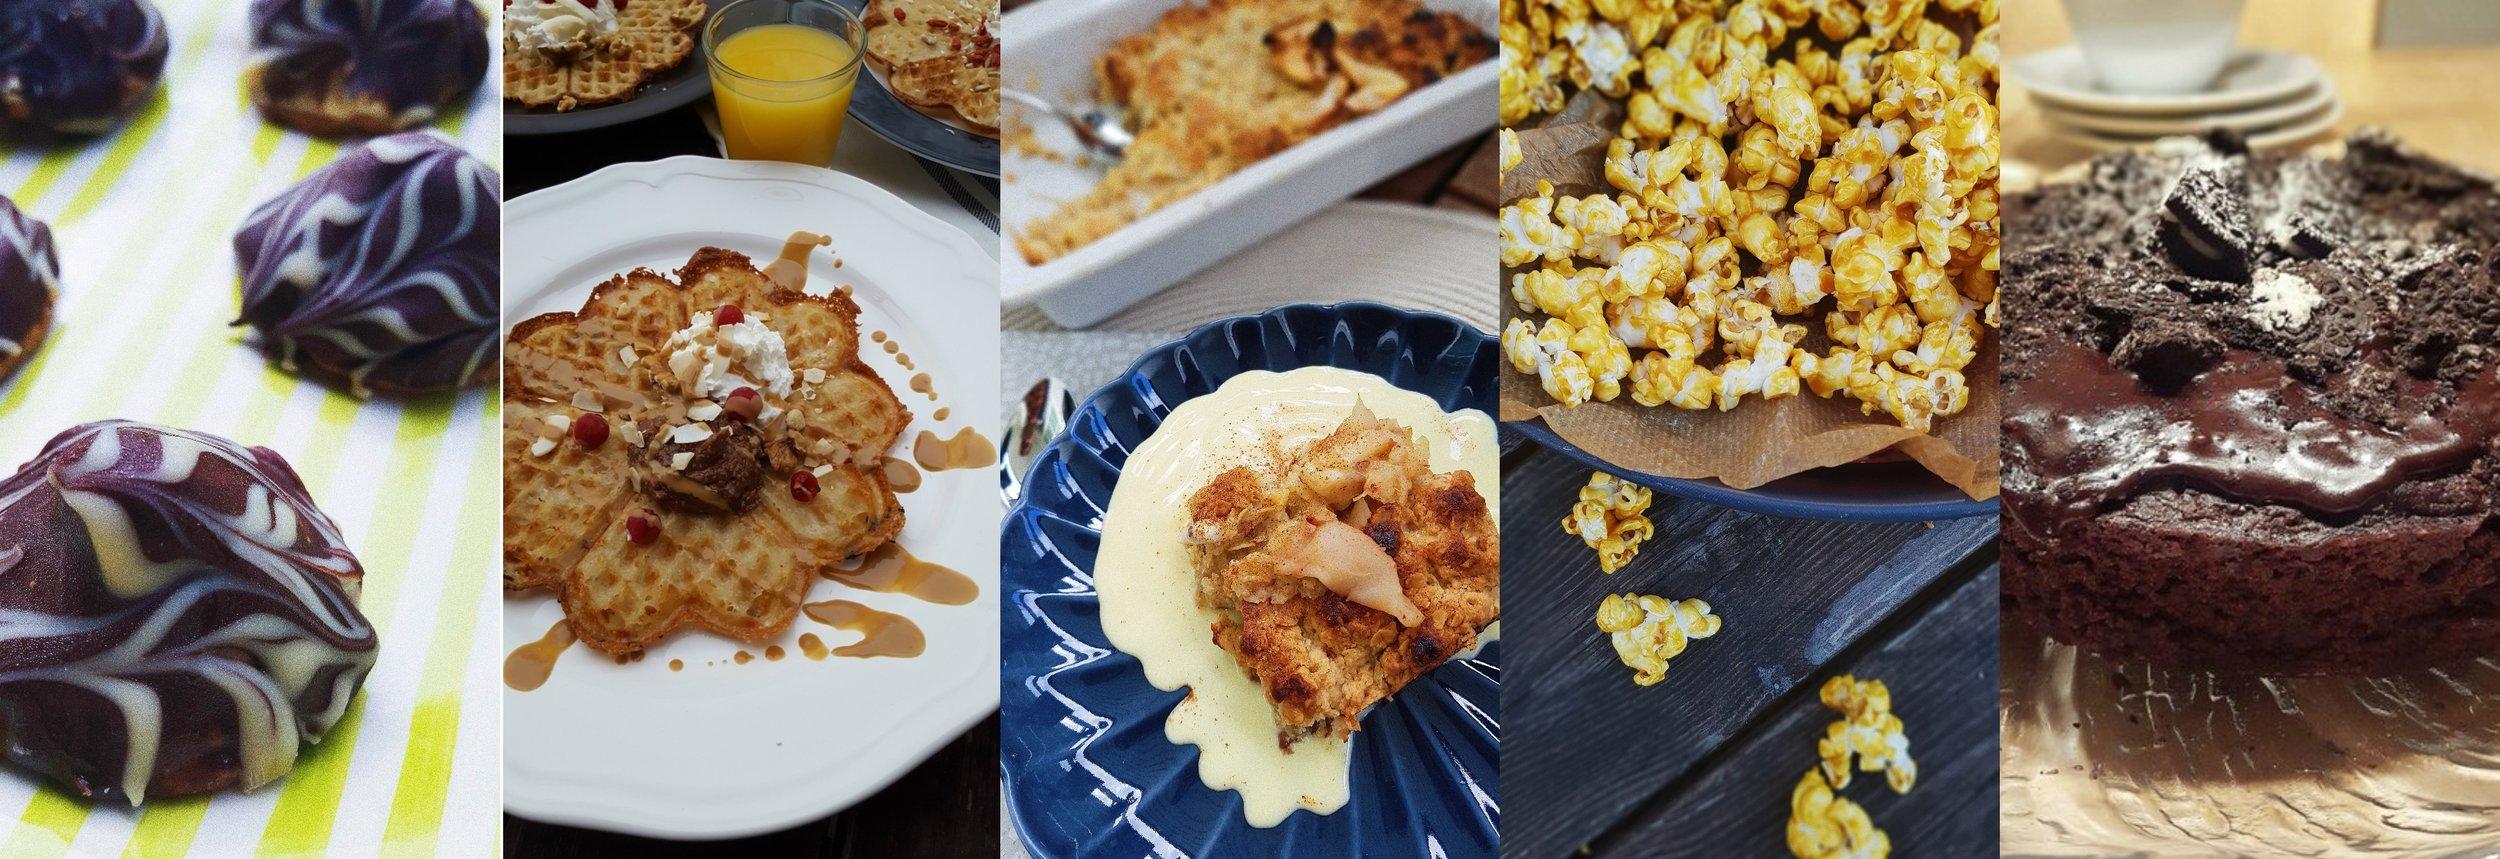 Biskvier  //  Koksovåfflor  //  Äppelpaj  //  Karamelliserade popcorn med havssalt //  Oreokladdkaka